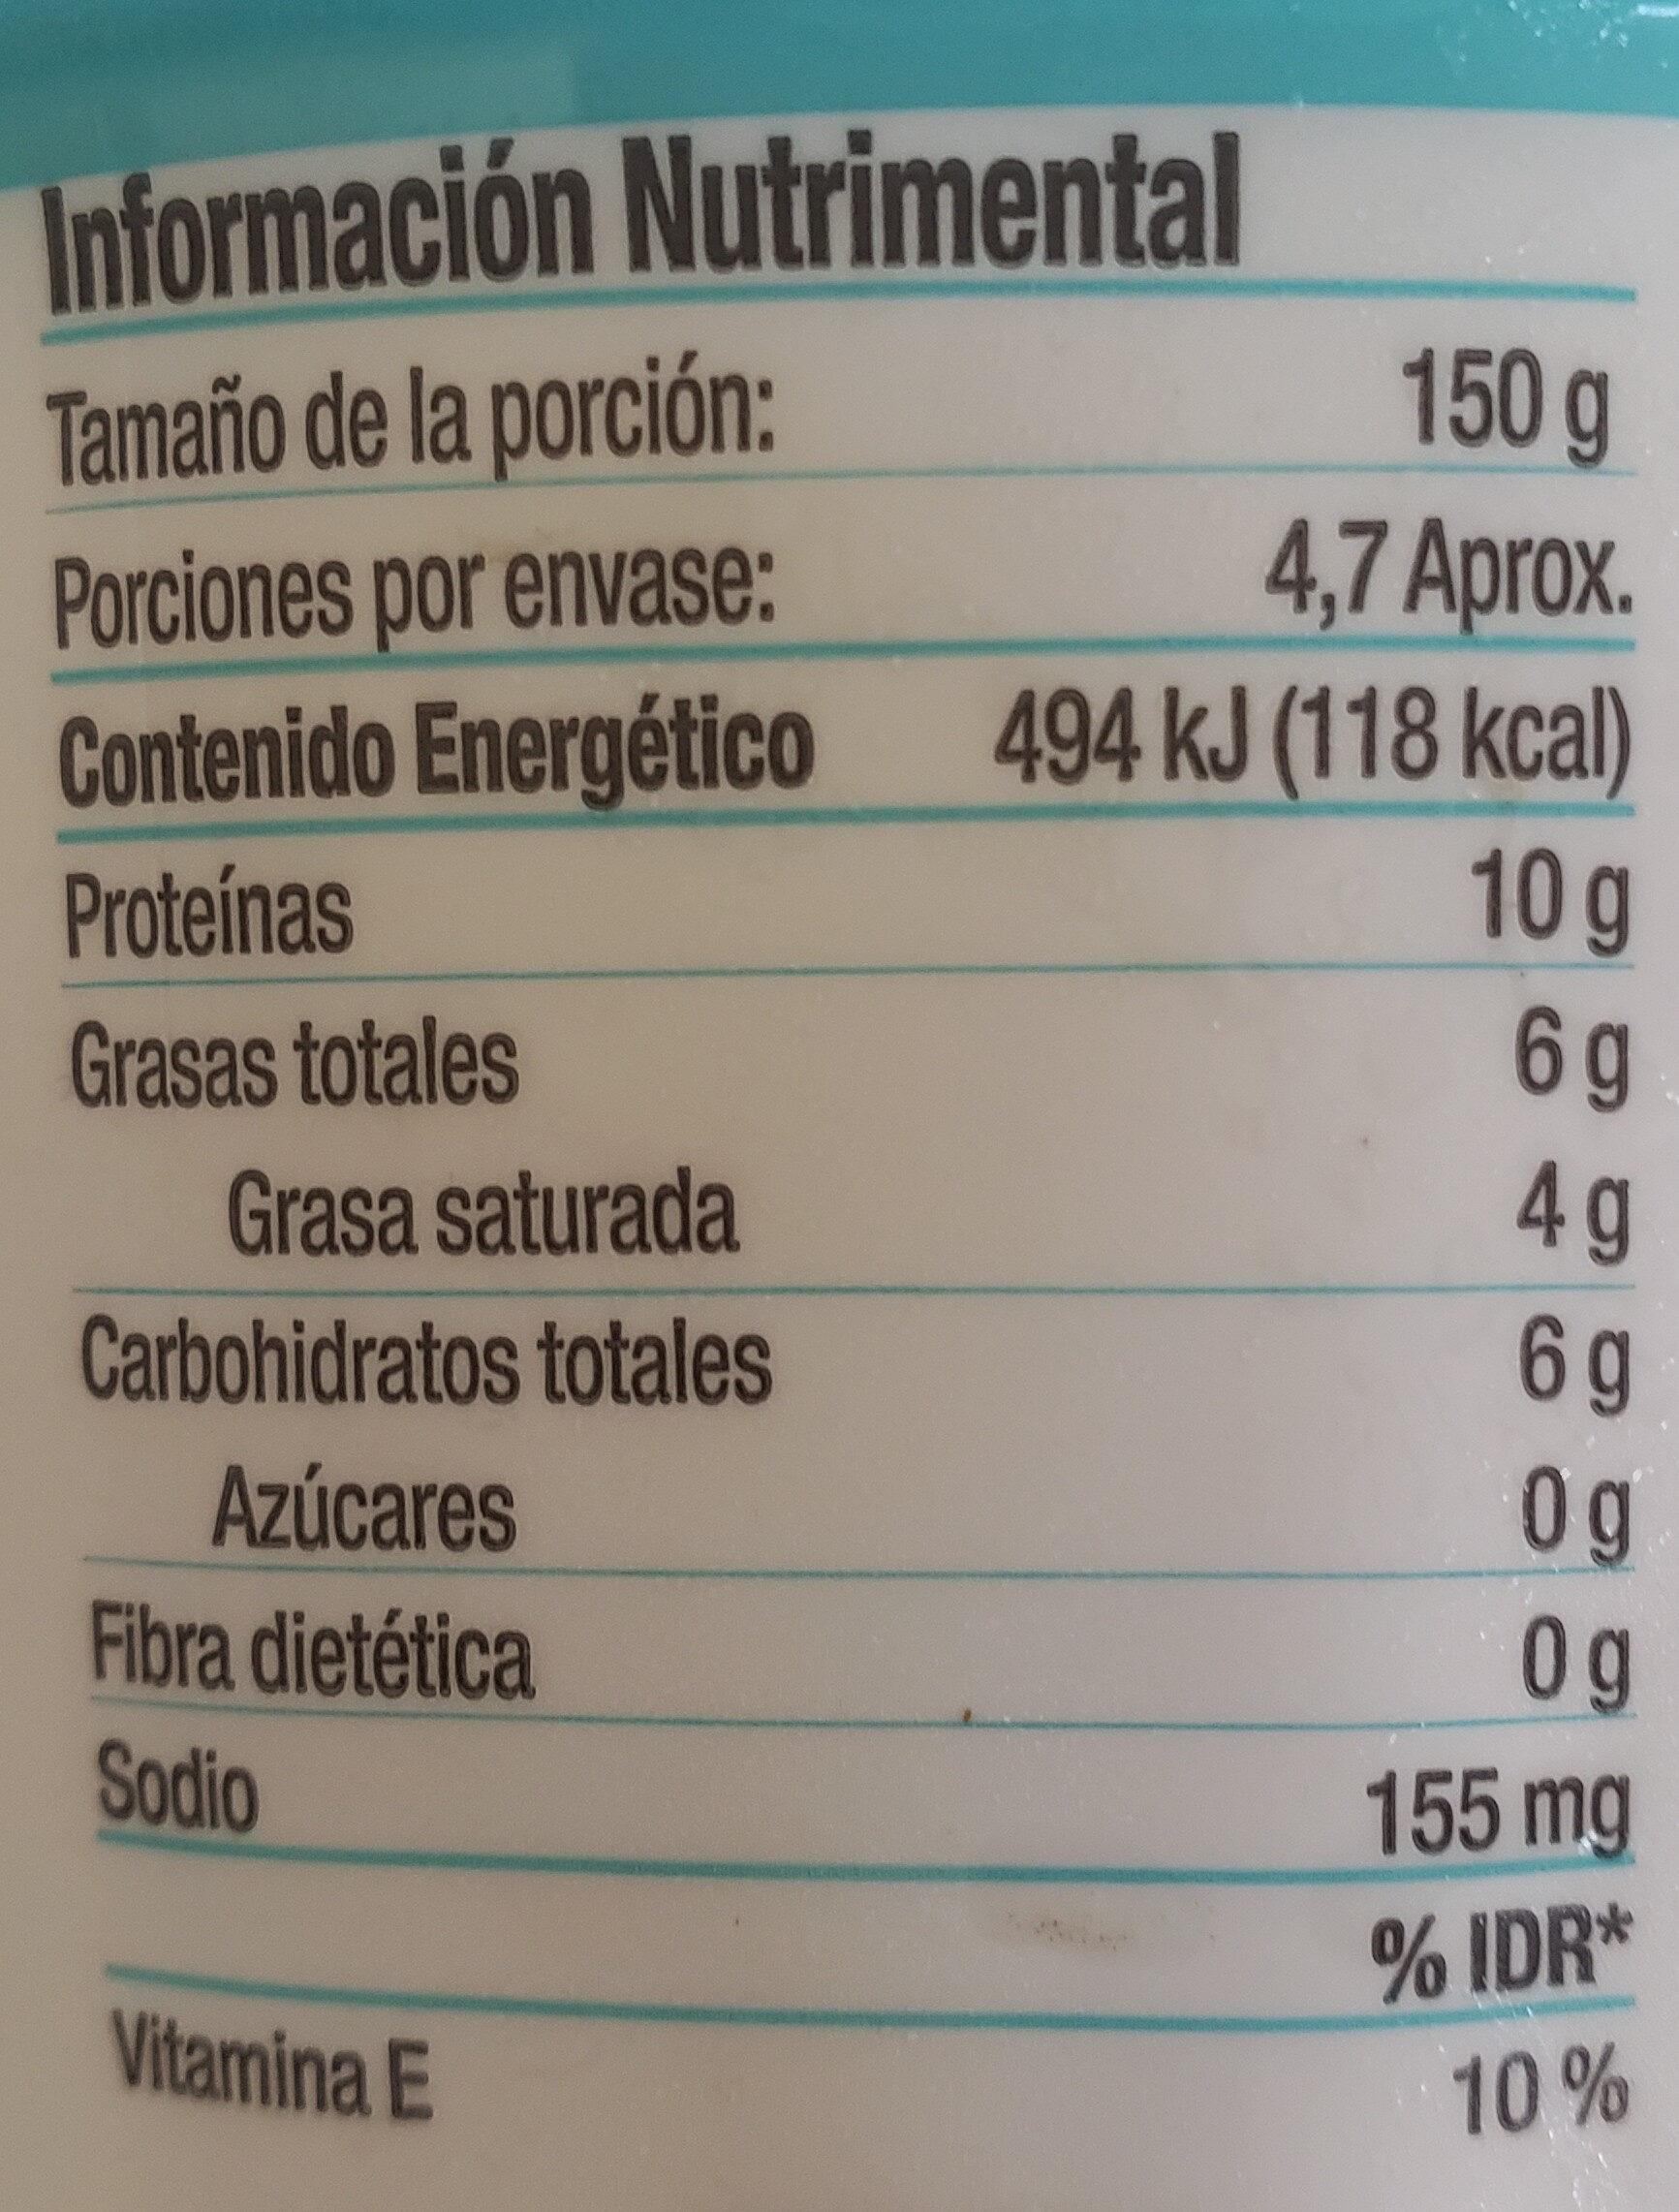 Yogur griego - Información nutricional - en